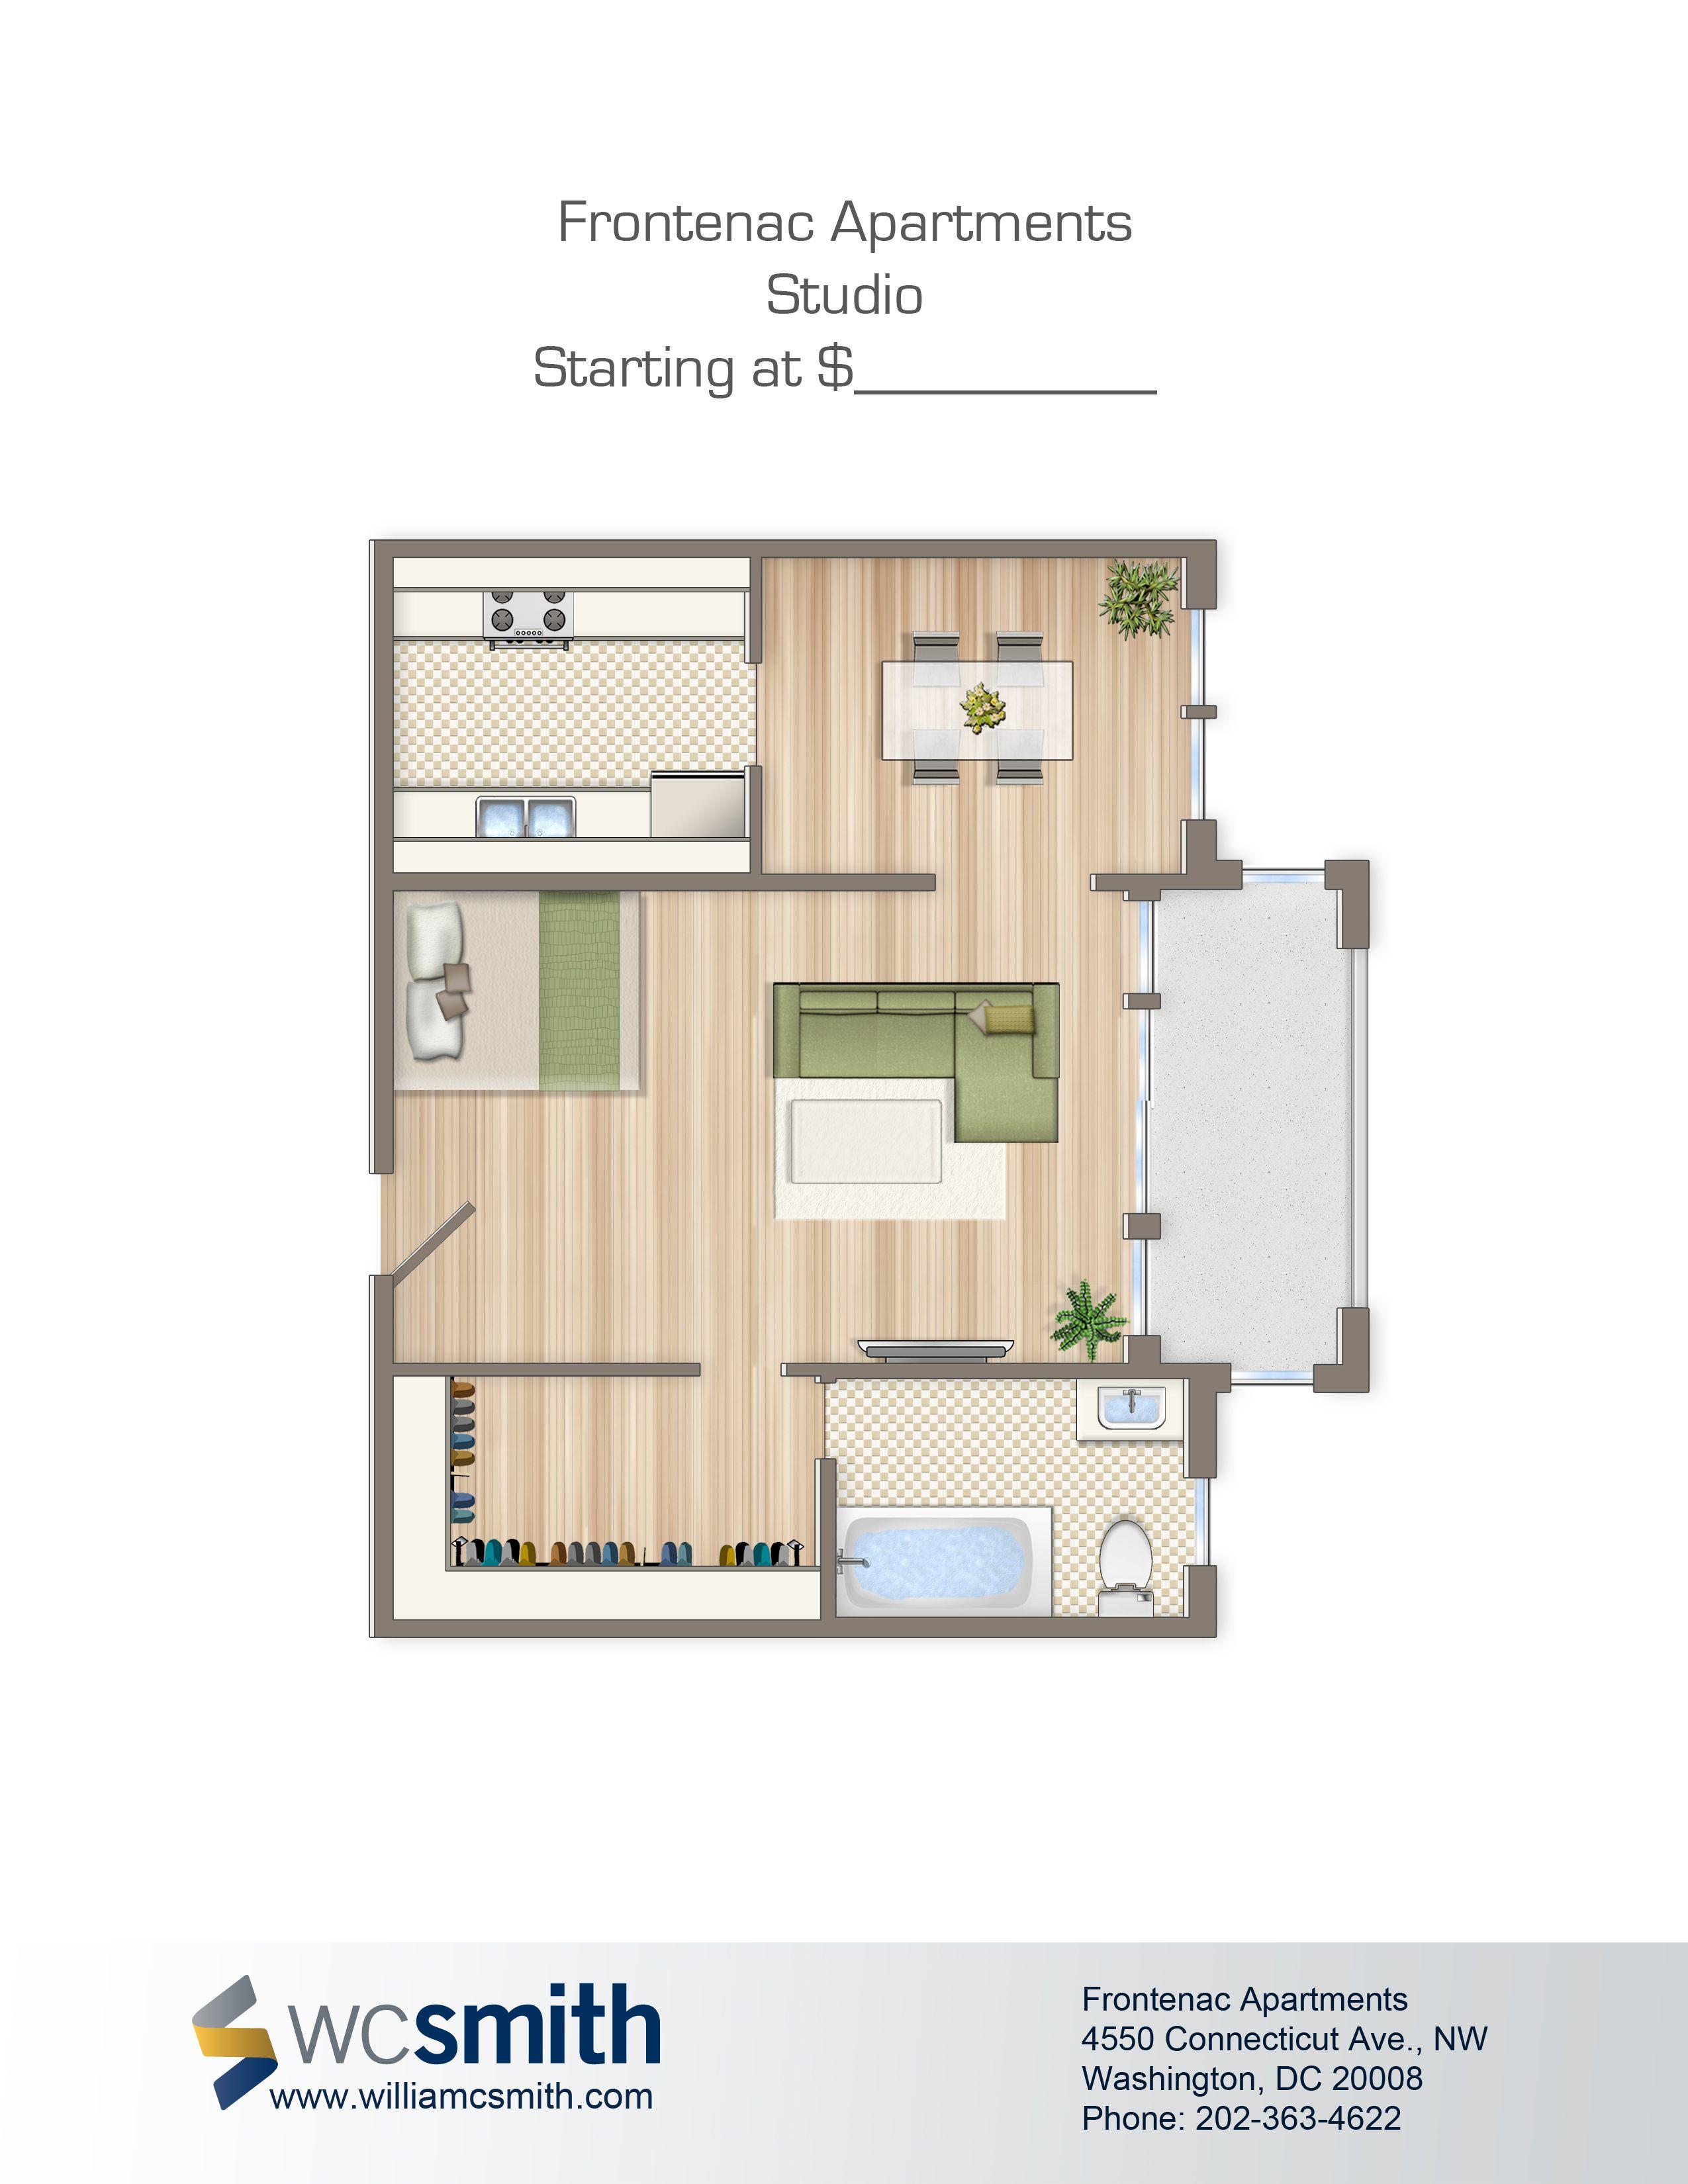 Studio Efficiency Floorplan For Rent The Frontenac Apartments In